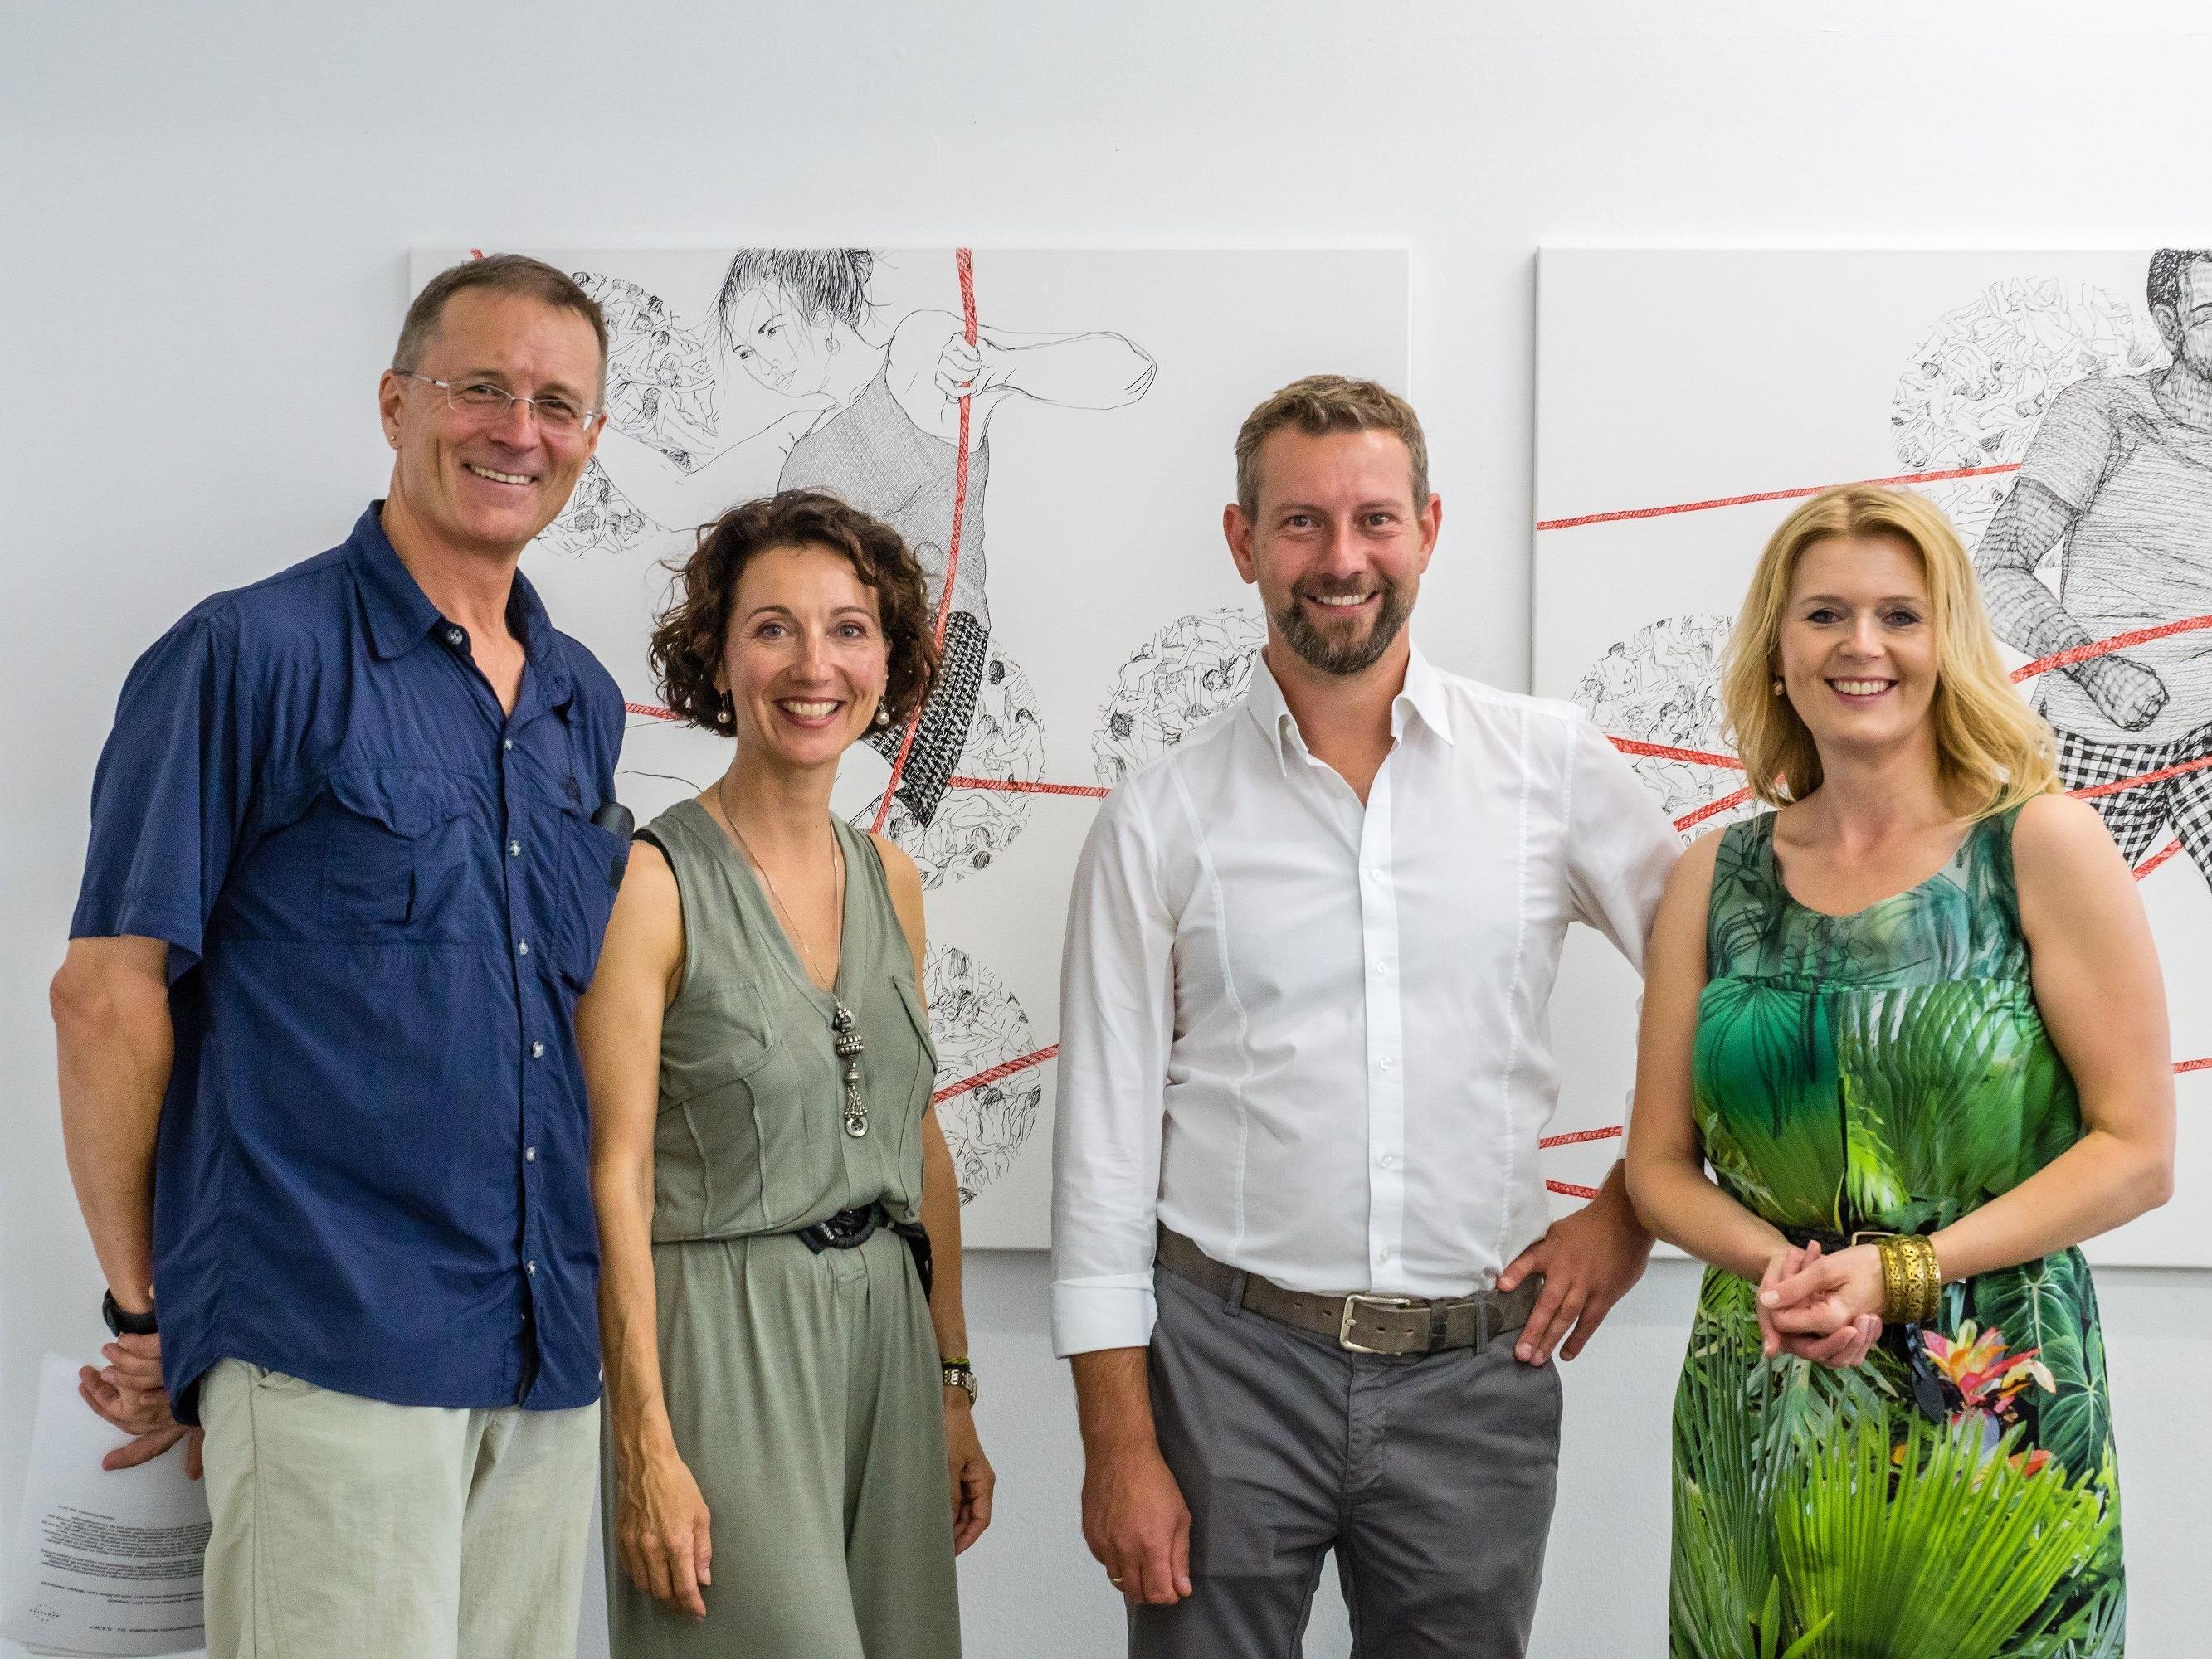 Gastgeber von einem gelungenen Abend: Roland Haas (Kurator), Dagmar Lang (Obfrau Kunstforum Montafon), Boris Frast (Geschäftsführer Allianz Agentur Frast), Tamara Katja Frast (Kommunikationsexpertin)